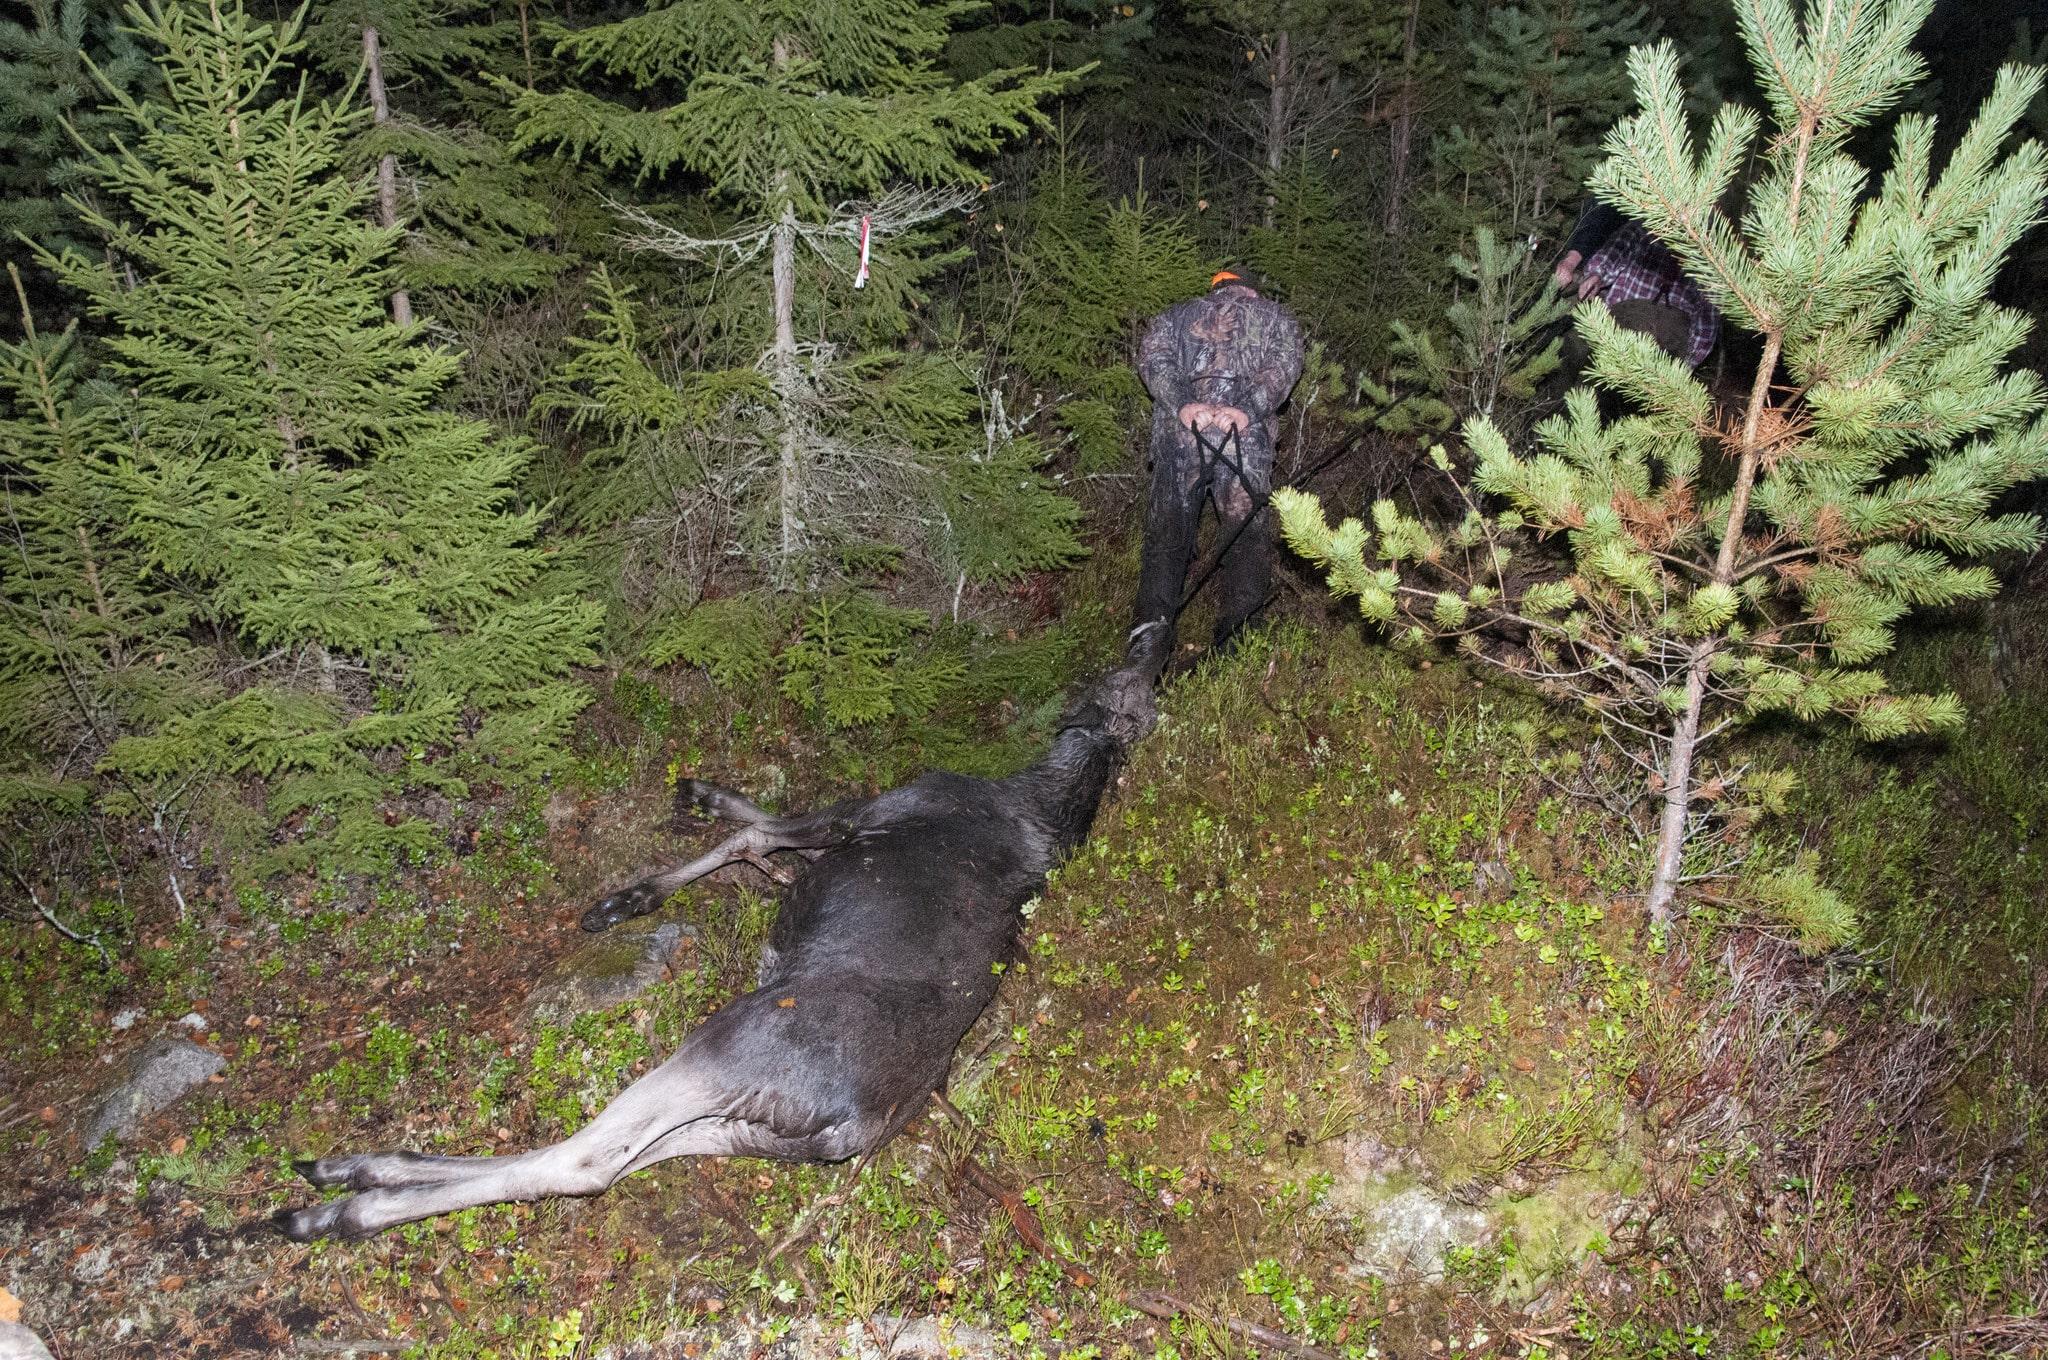 För varje vuxet djur ska det skjutas minst en kalv, en tillämpad reell adaptiv förvaltning, skriver debattören. Foto: Jan Henricson